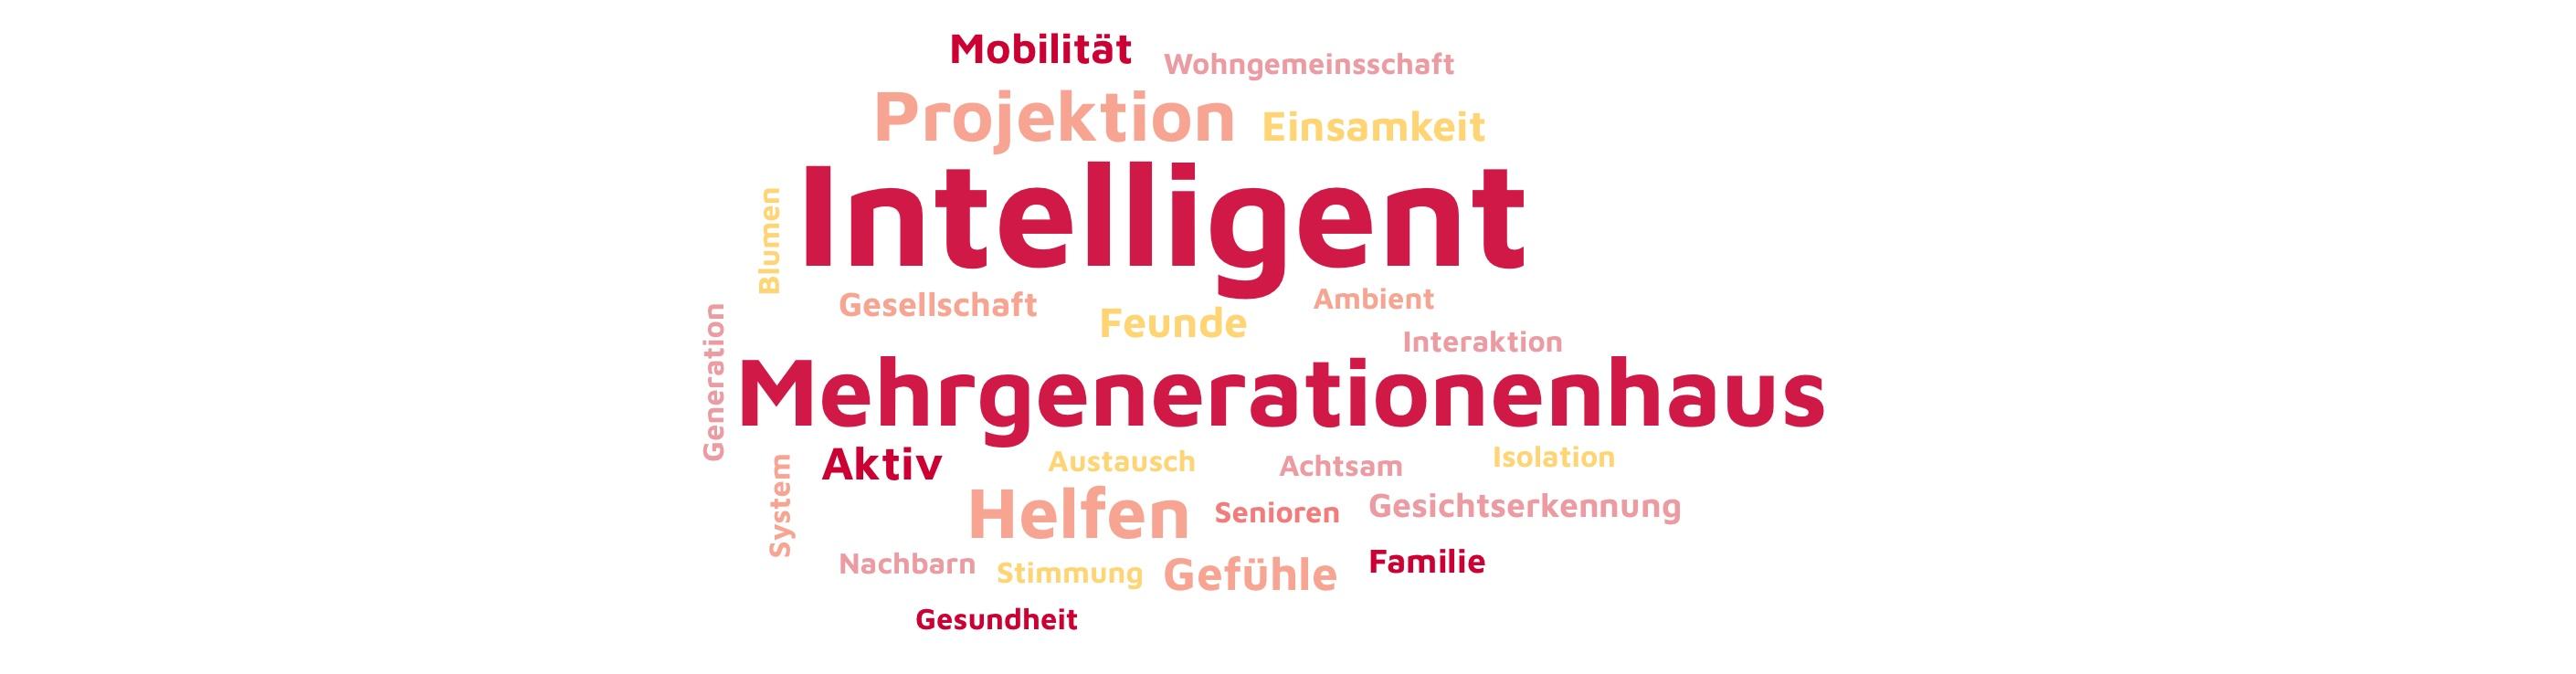 Verschieden angeordnete Schlagwörter, dargestellt nach Relevanz für das Projekt (Größe der Darstellung). Die relevantesten sind INtelligenz, Mehrgenerationenhaus, Projektion, Helfen, Gefühle. Die